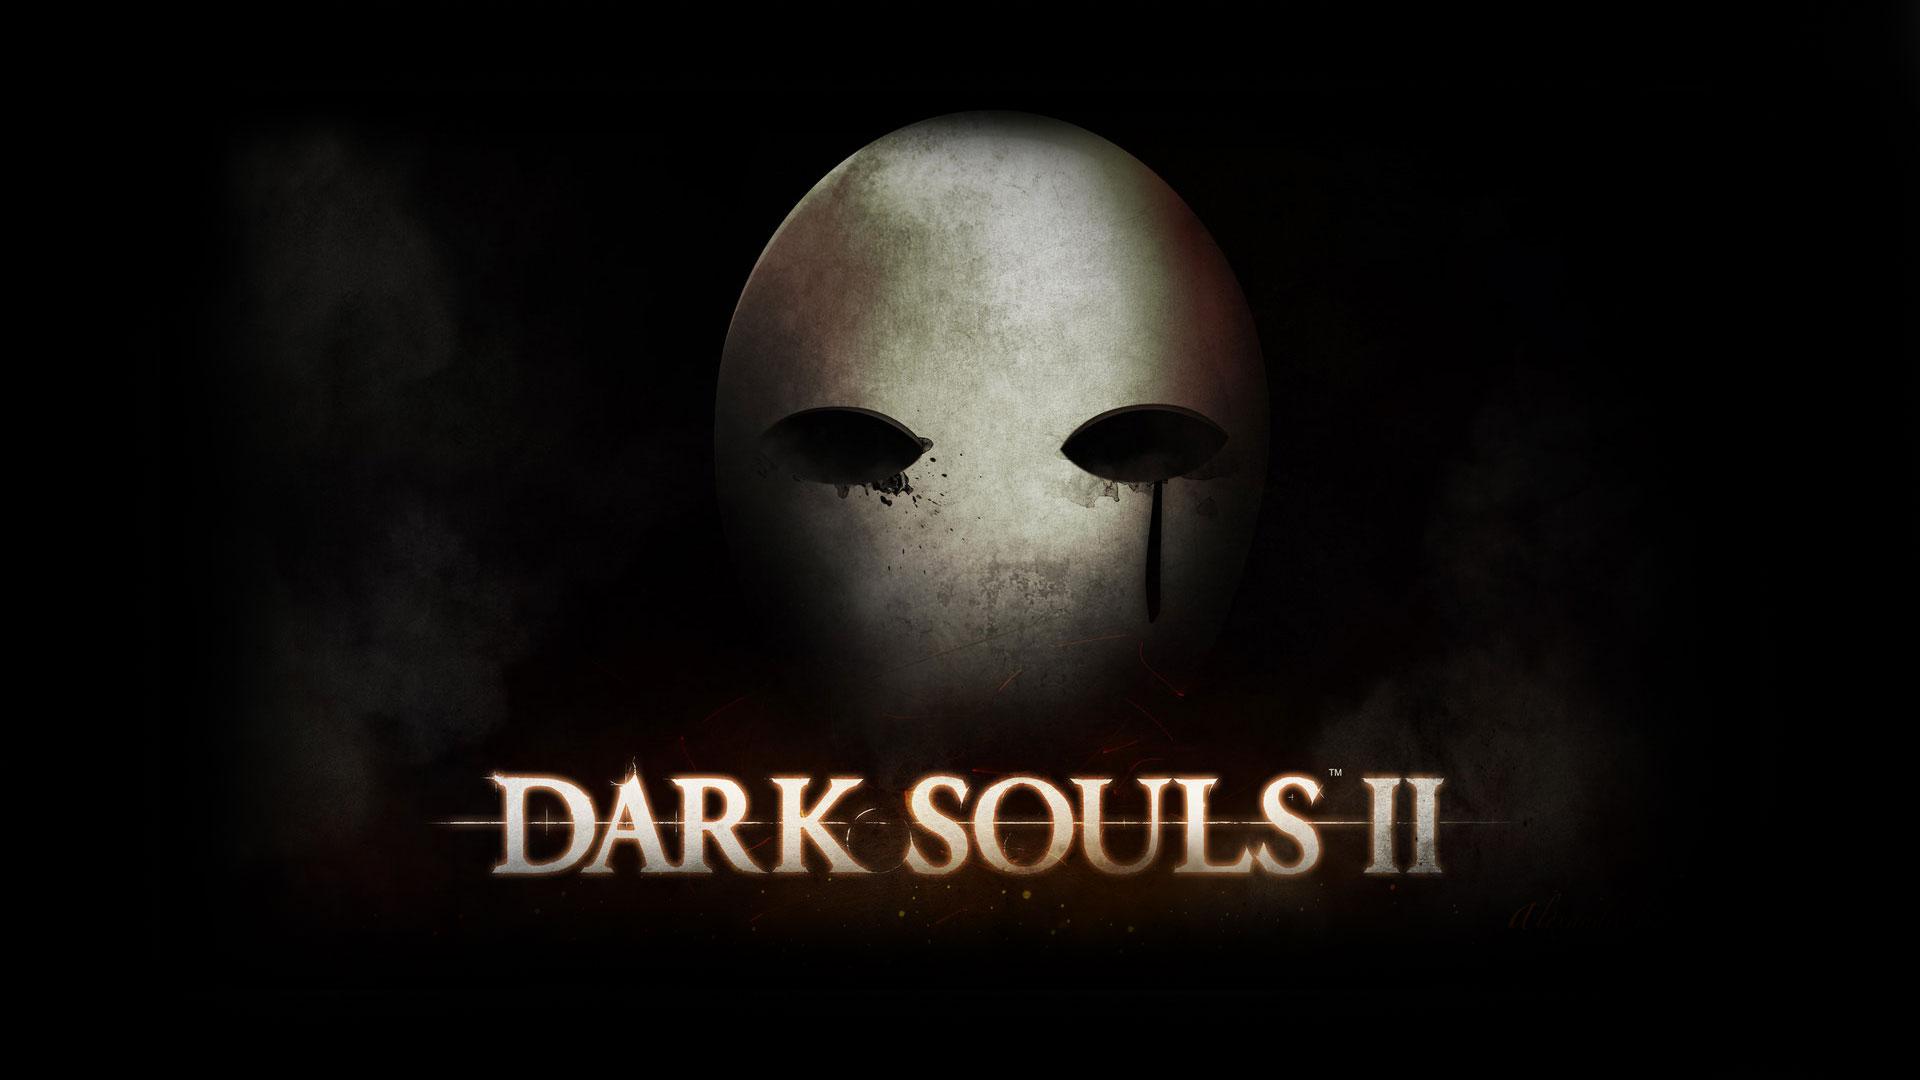 Dark Souls 2 Wallpaper HD 1 1920x1080